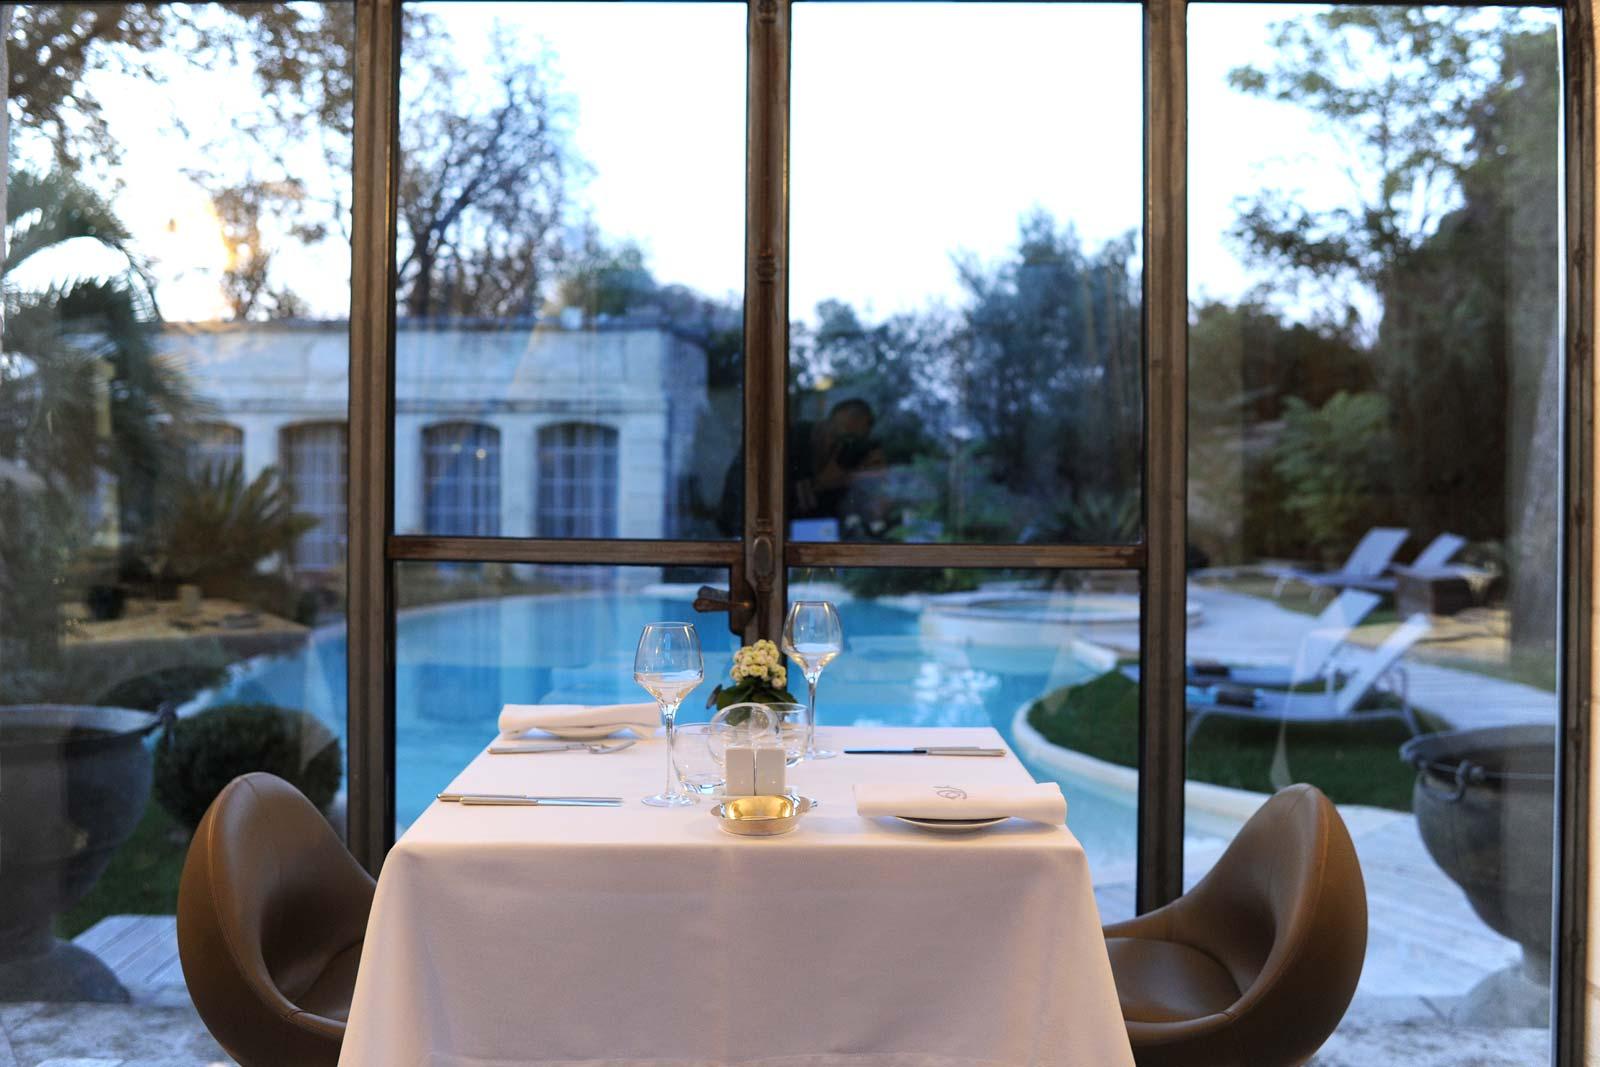 Gina Baksa Reviews the Luxurious La Domaine de Verchant Hotel & Spa 5